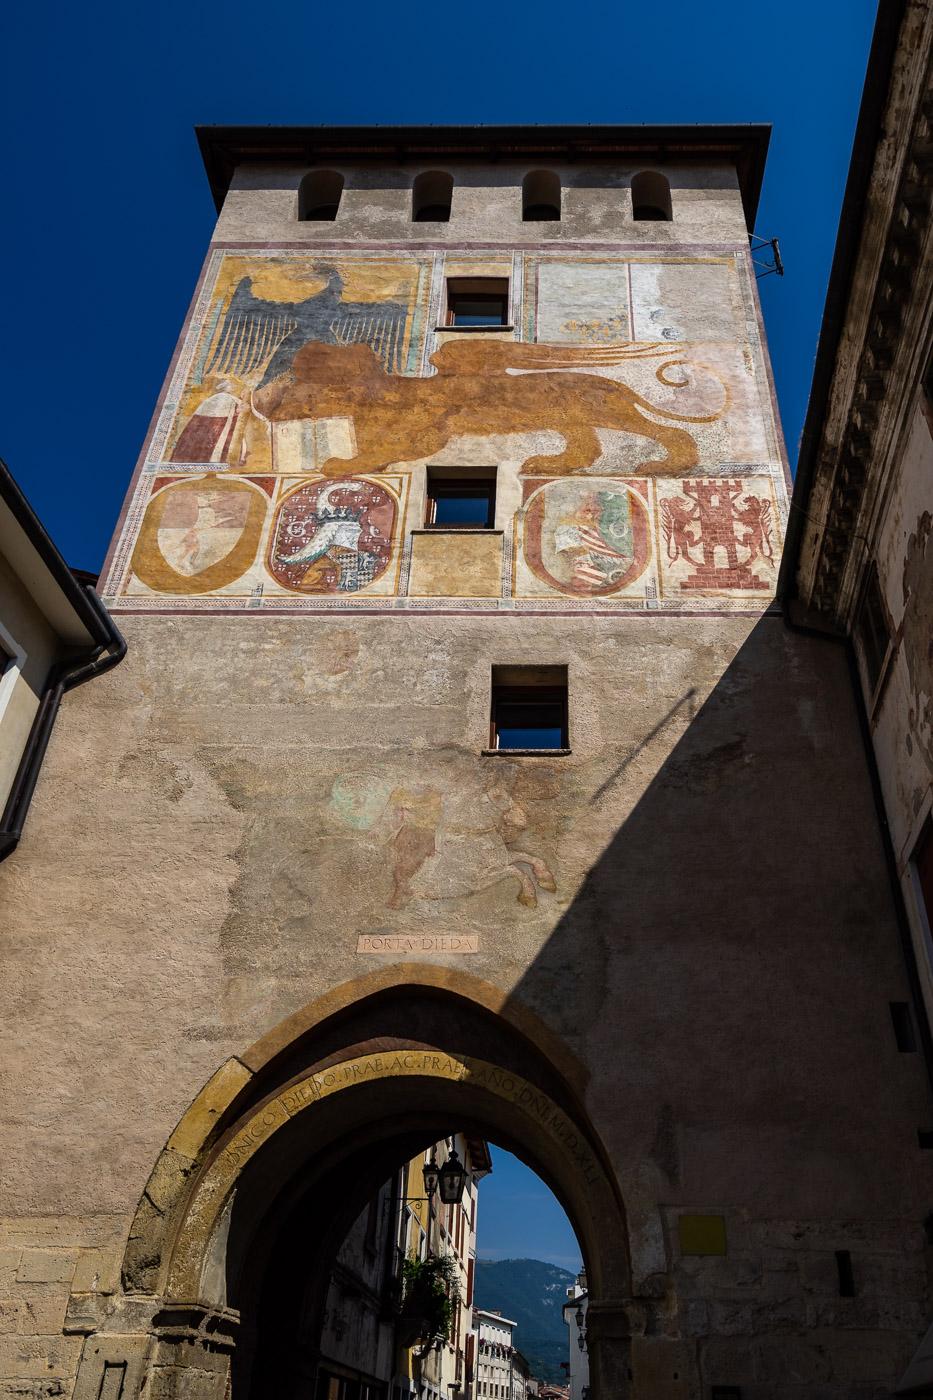 Dieda Gate, Bassano del Grappa, Italy